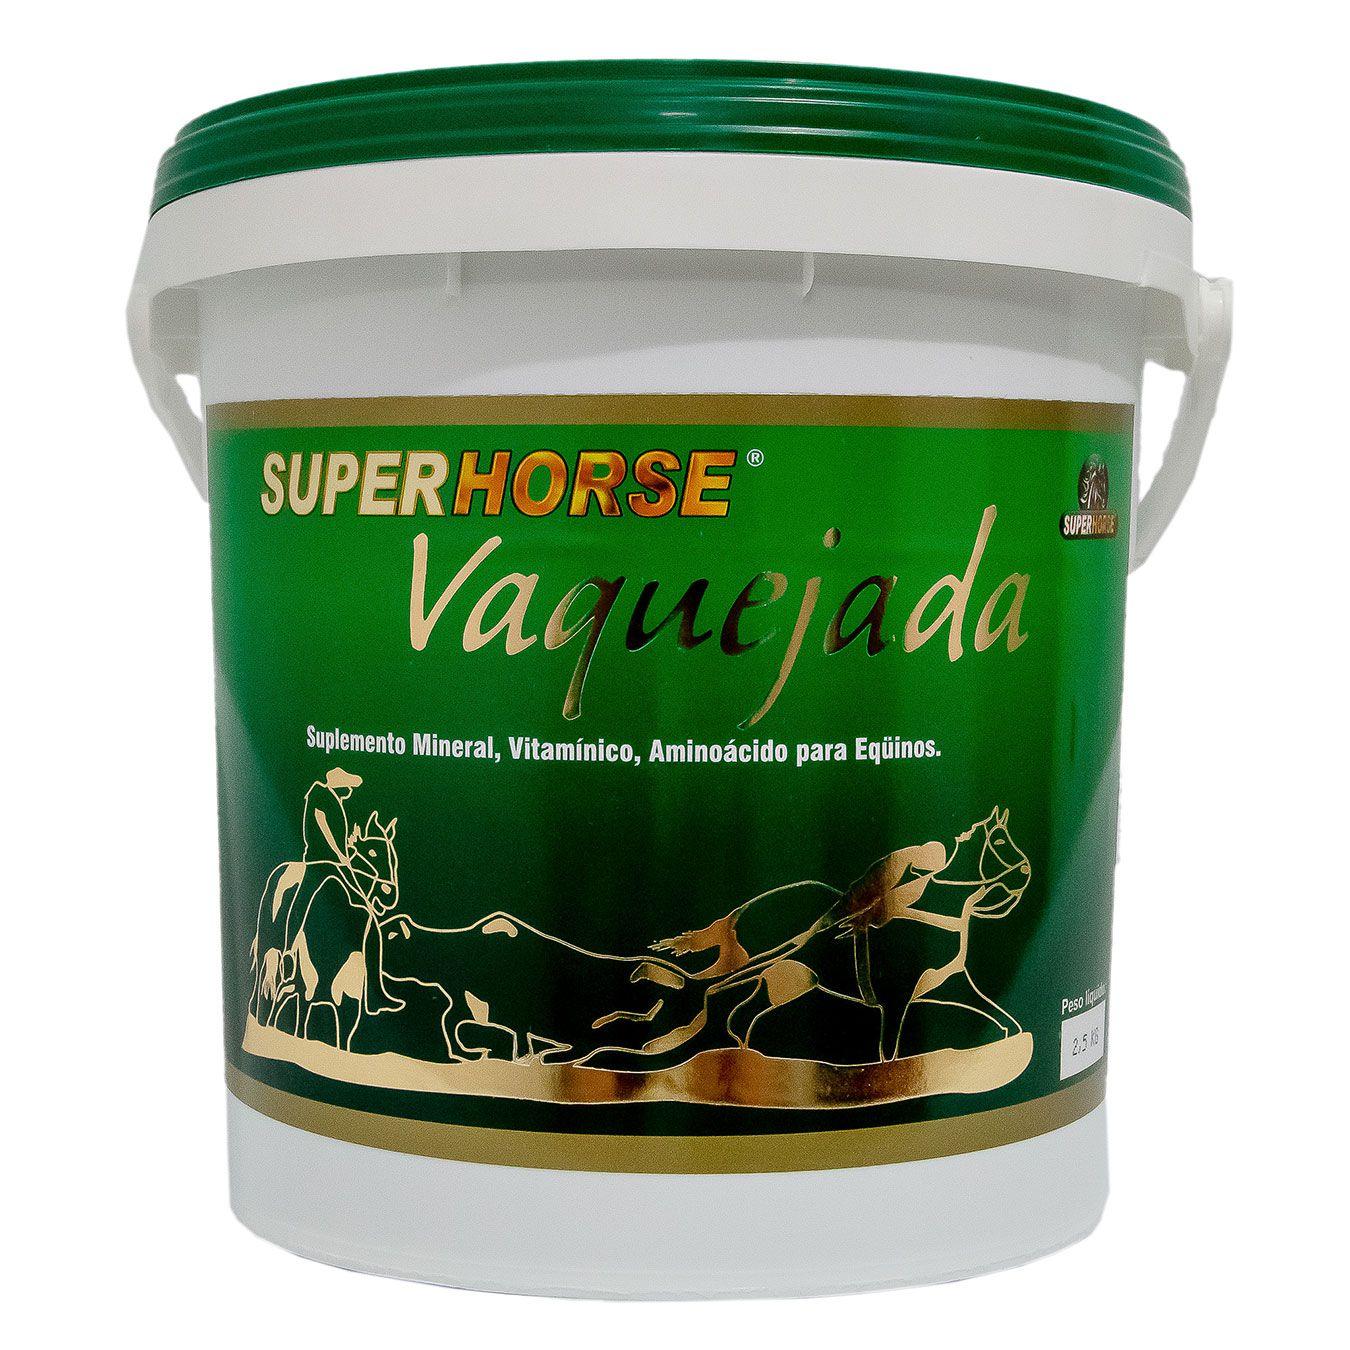 Super Horse Vaquejada,  2.5 kg rende em até 100 dias.